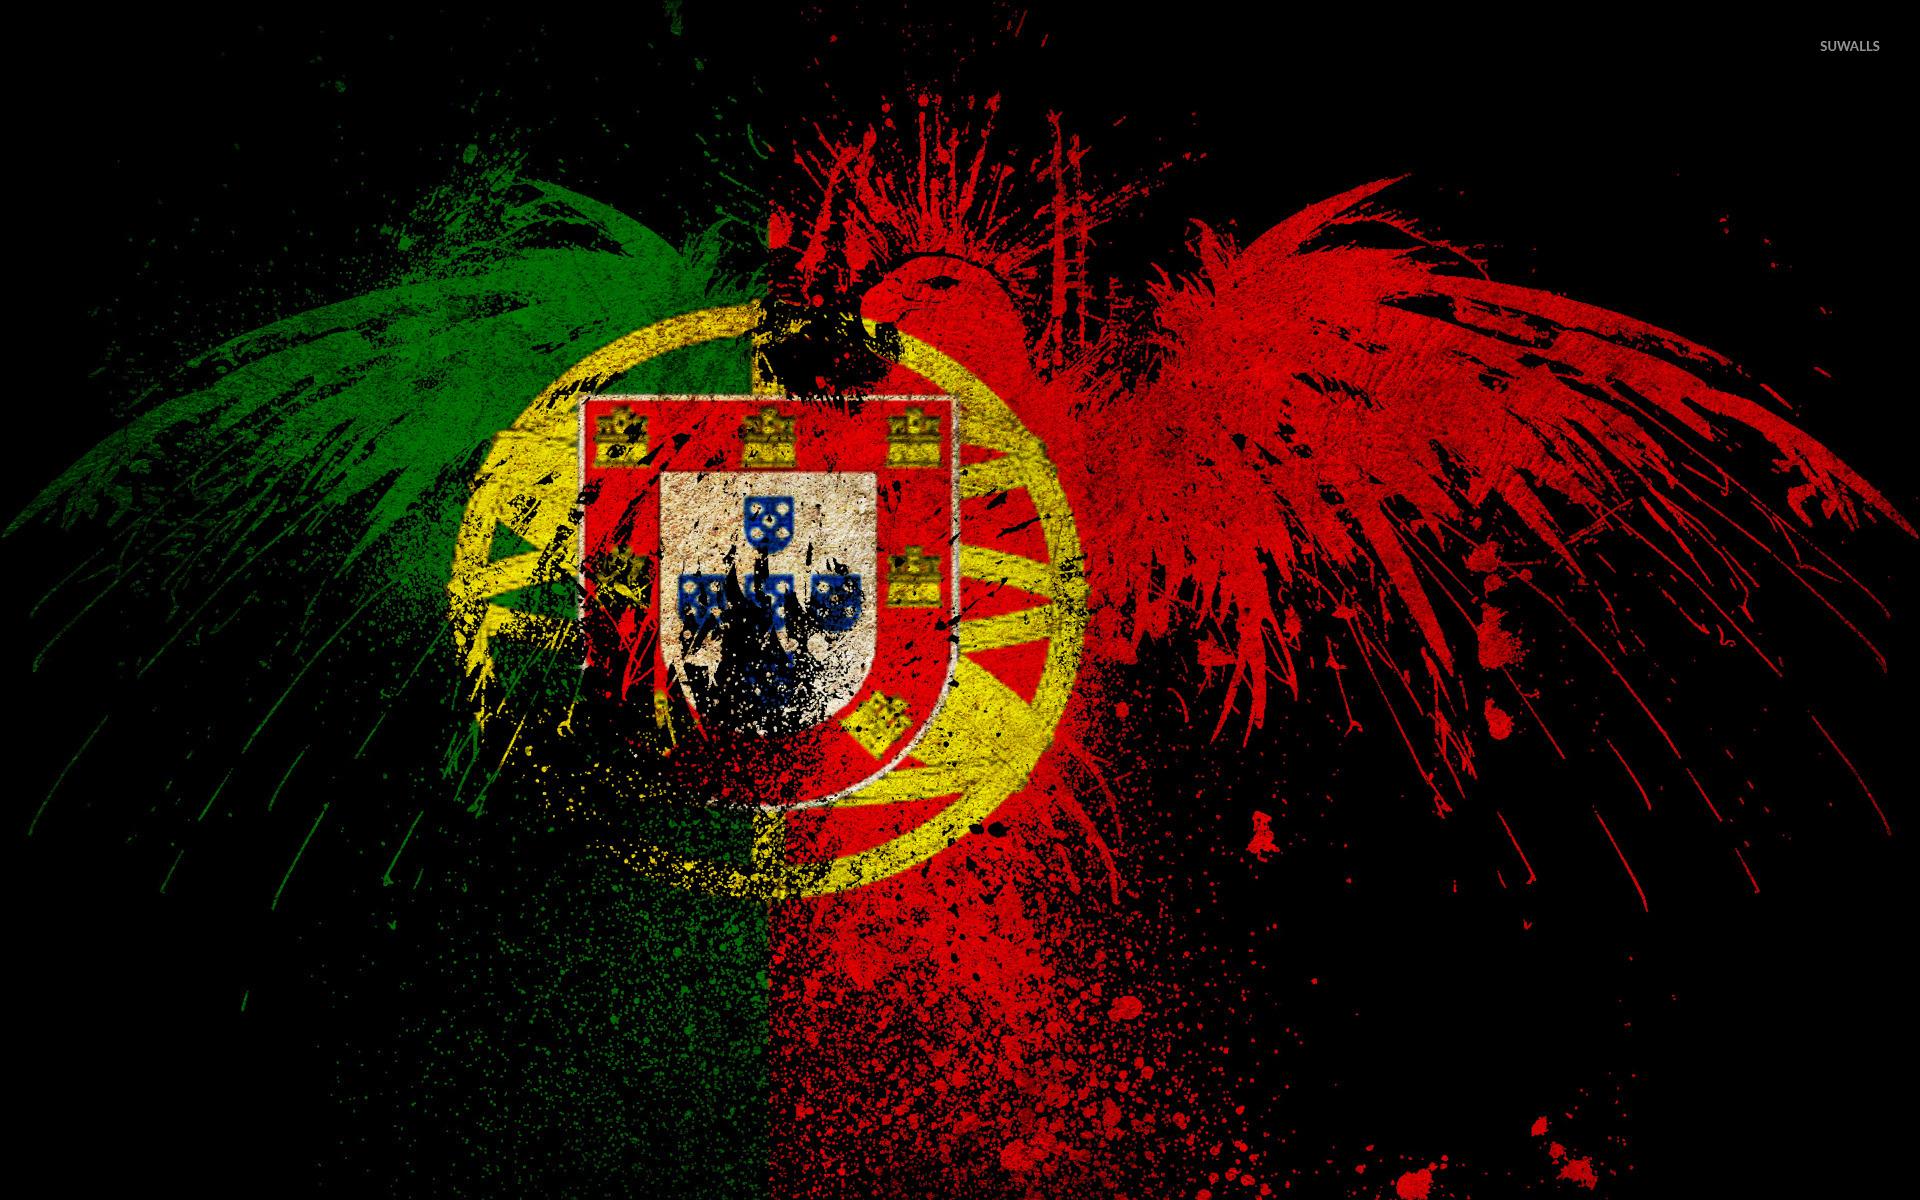 3d Photo Live Wallpaper Apk Flag Of Portugal Wallpaper Digital Art Wallpapers 38864